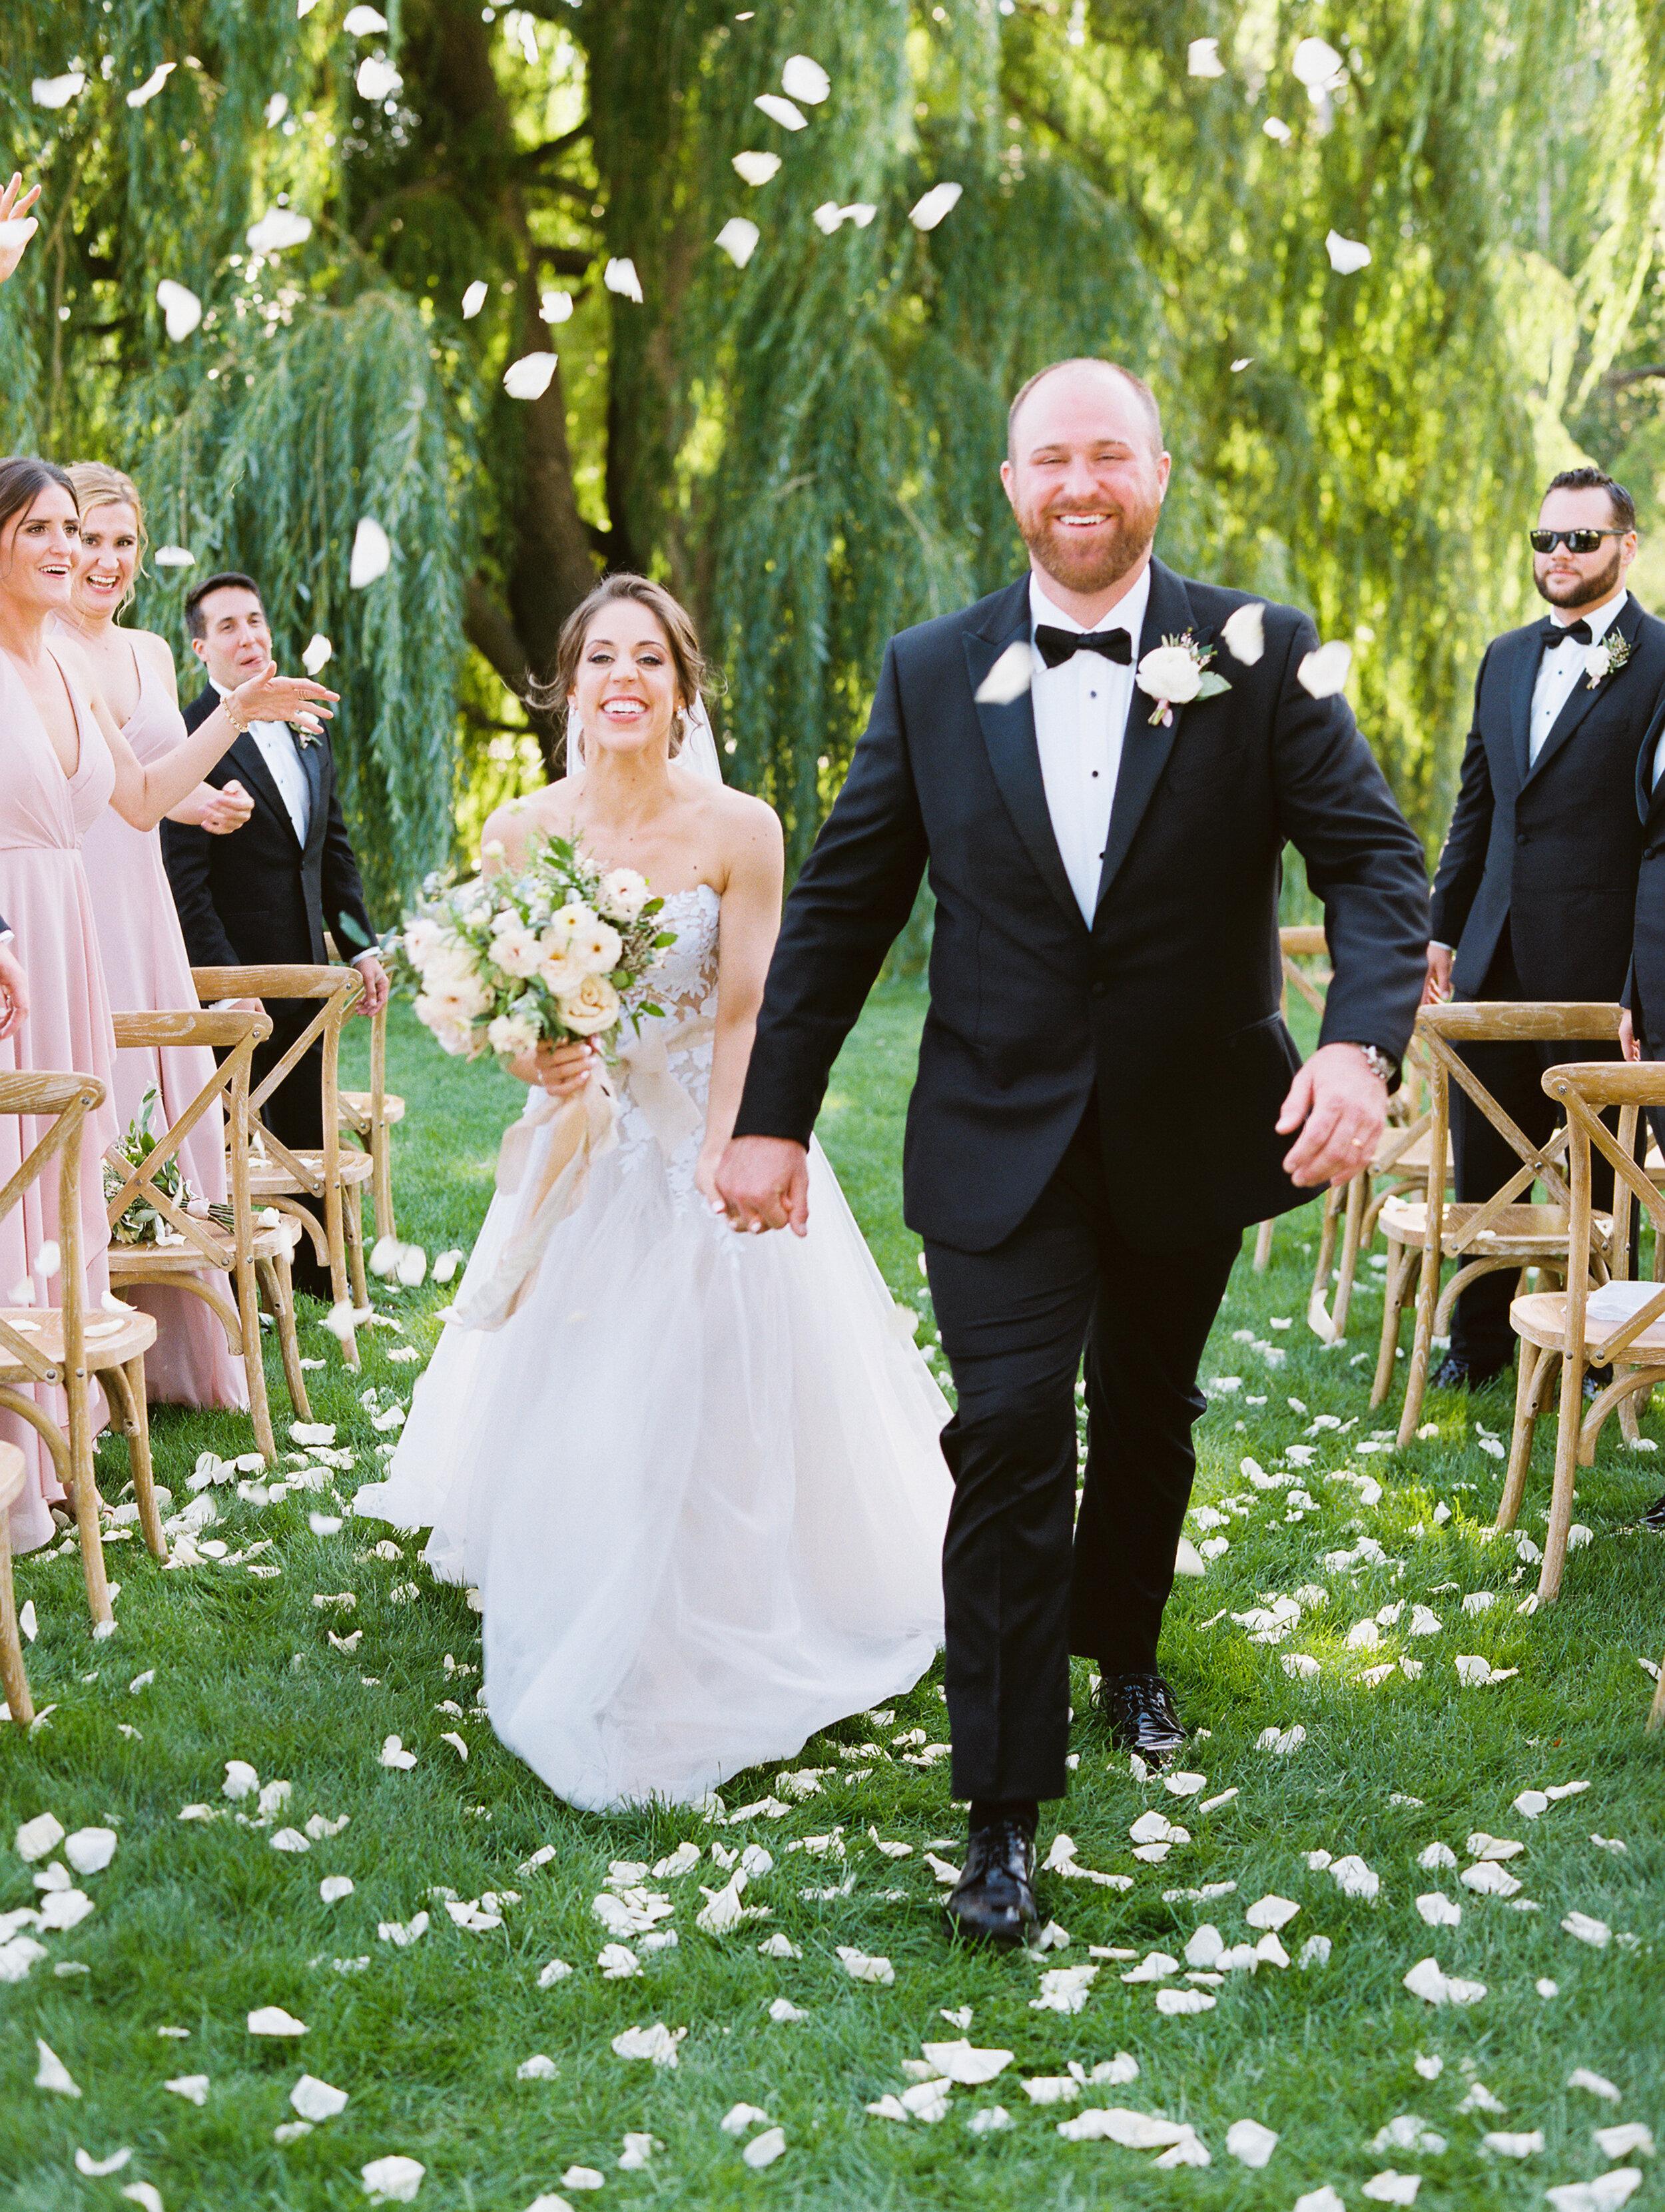 Steinlage+Wedding+Ceremony-276.jpg